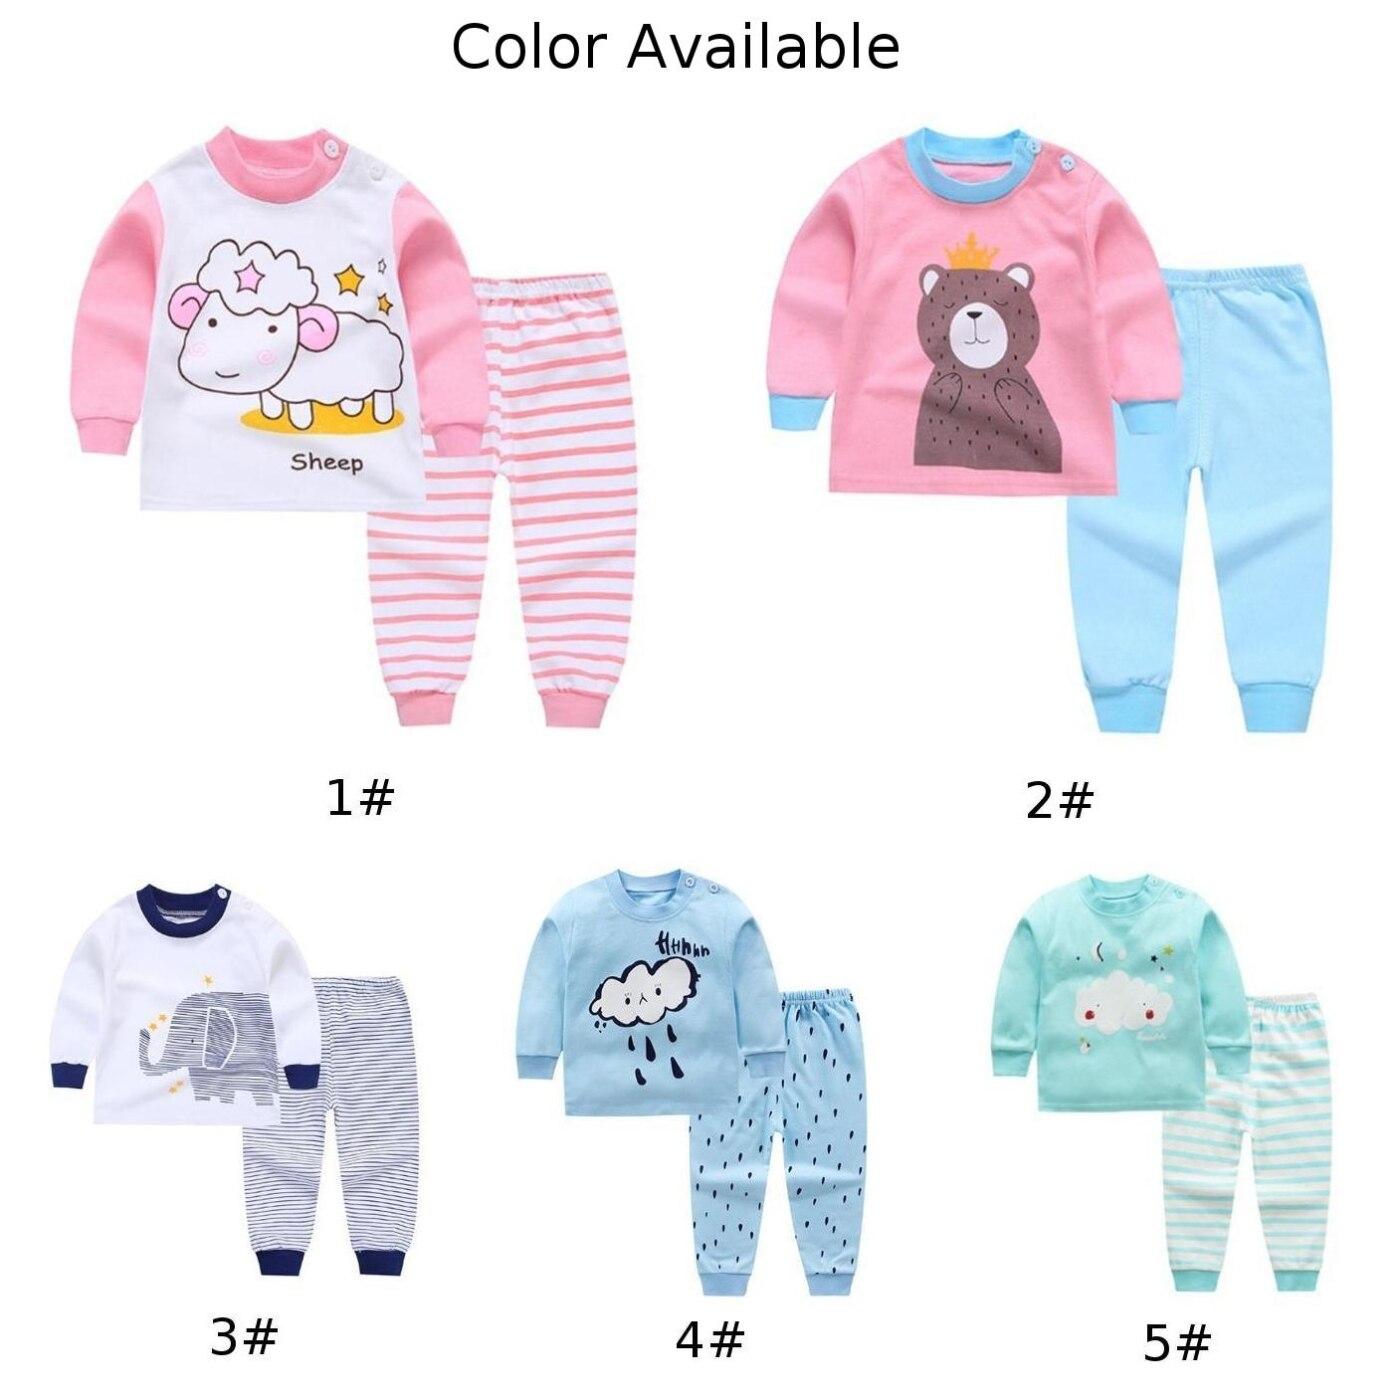 Детская одежда из 2 предметов для маленьких мальчиков и девочек, топ+ штаны, хлопковые пижамы для малышей, одежда для сна